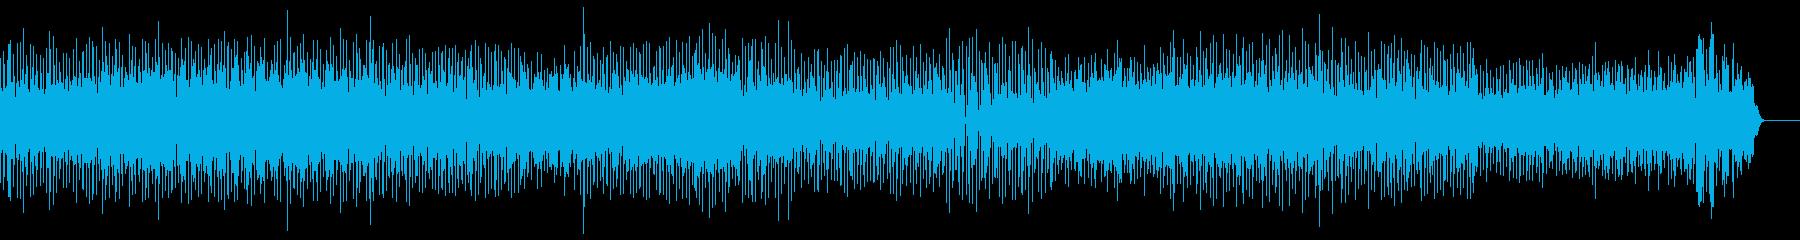 おしゃれでリッチな雰囲気のメロディーの再生済みの波形